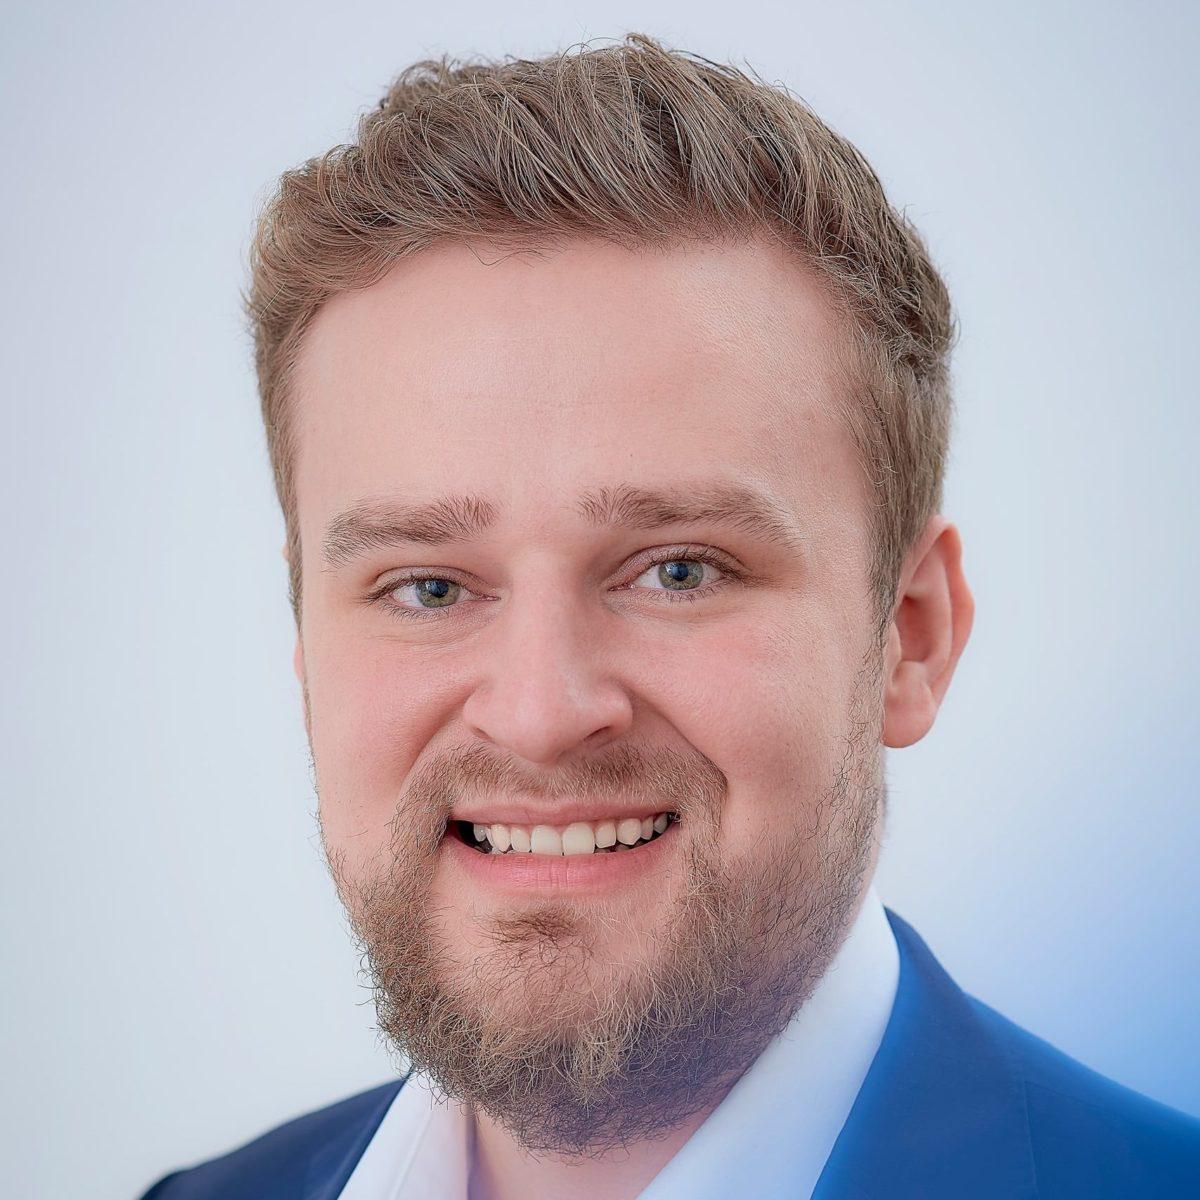 Florian Prohaska